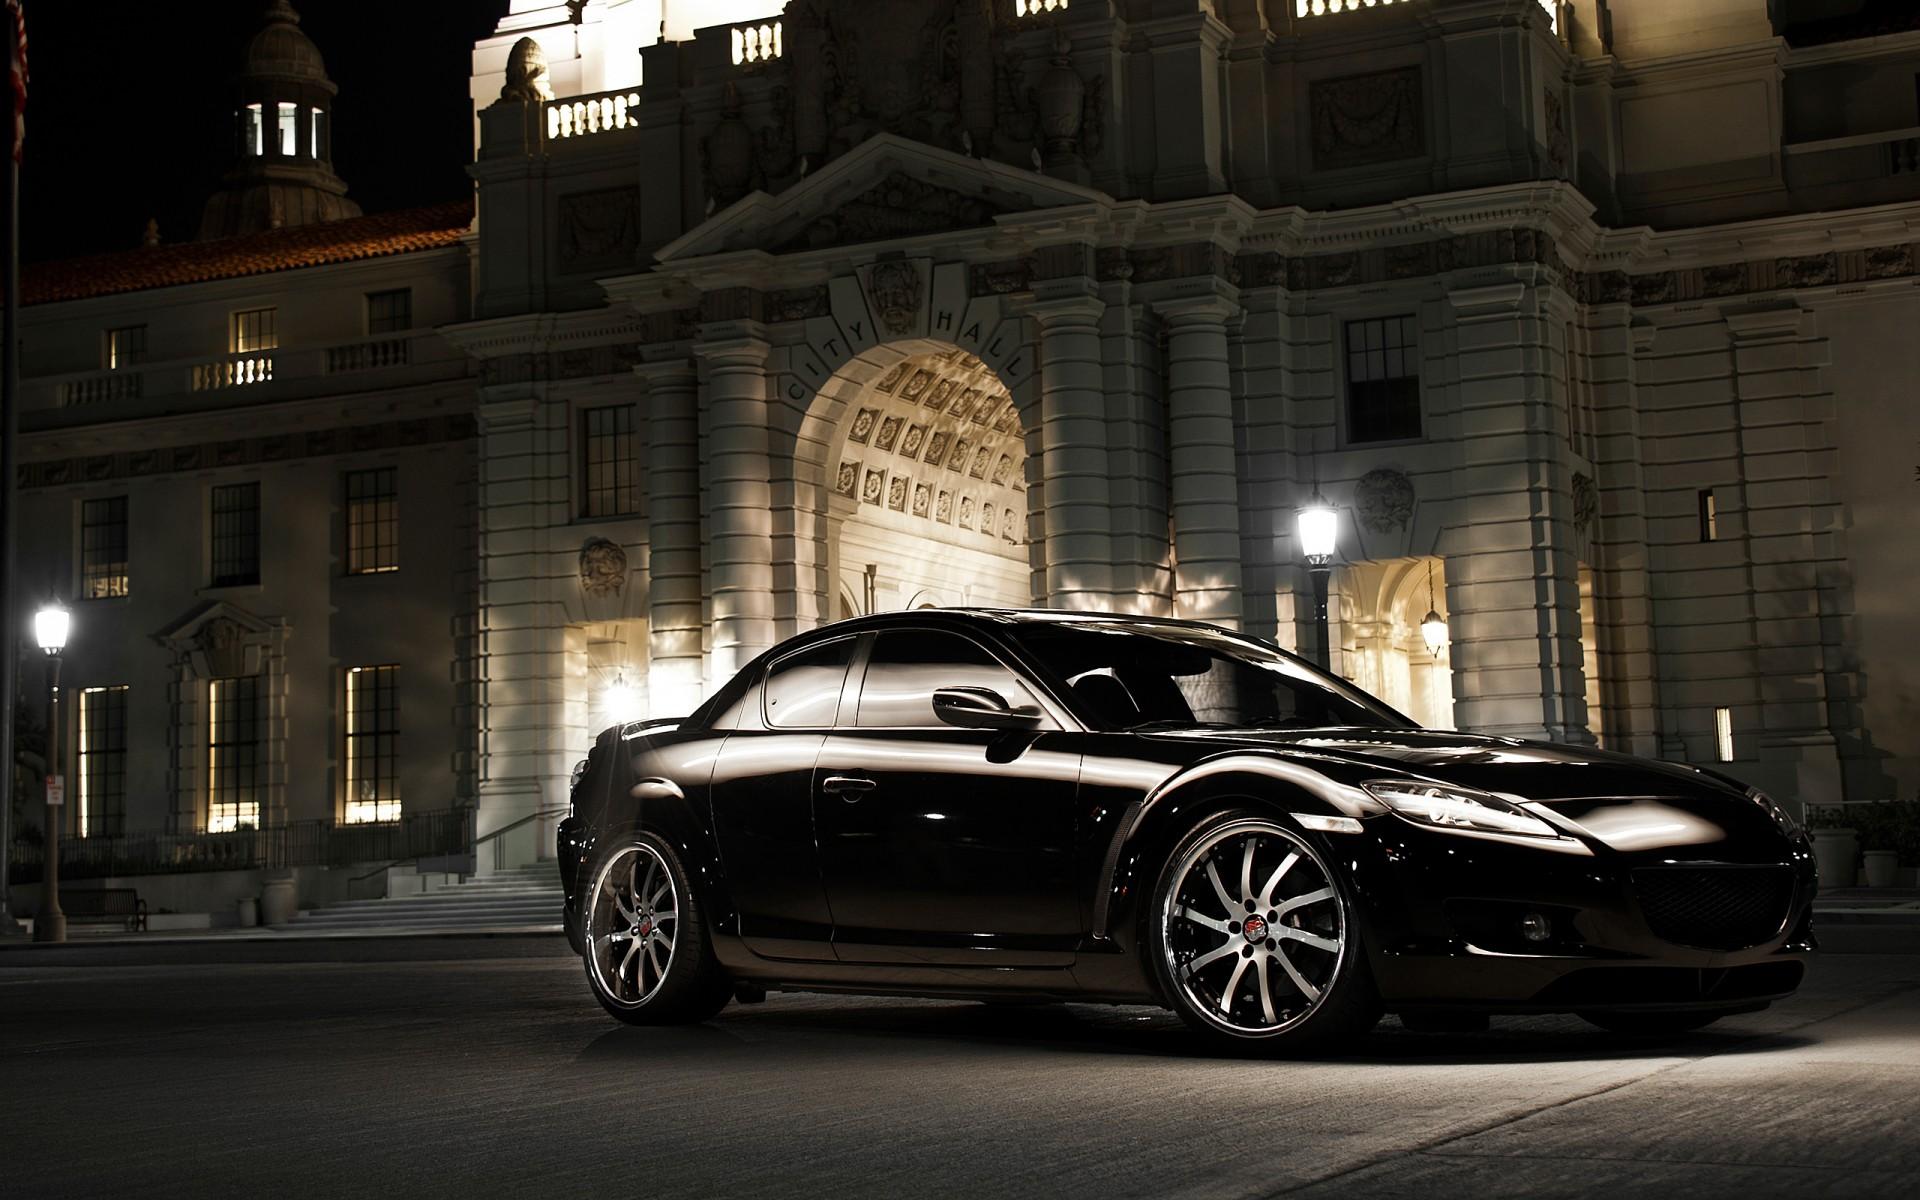 Mazda RX 8 Black Samurai Wallpaper   HD Car Wallpapers ...